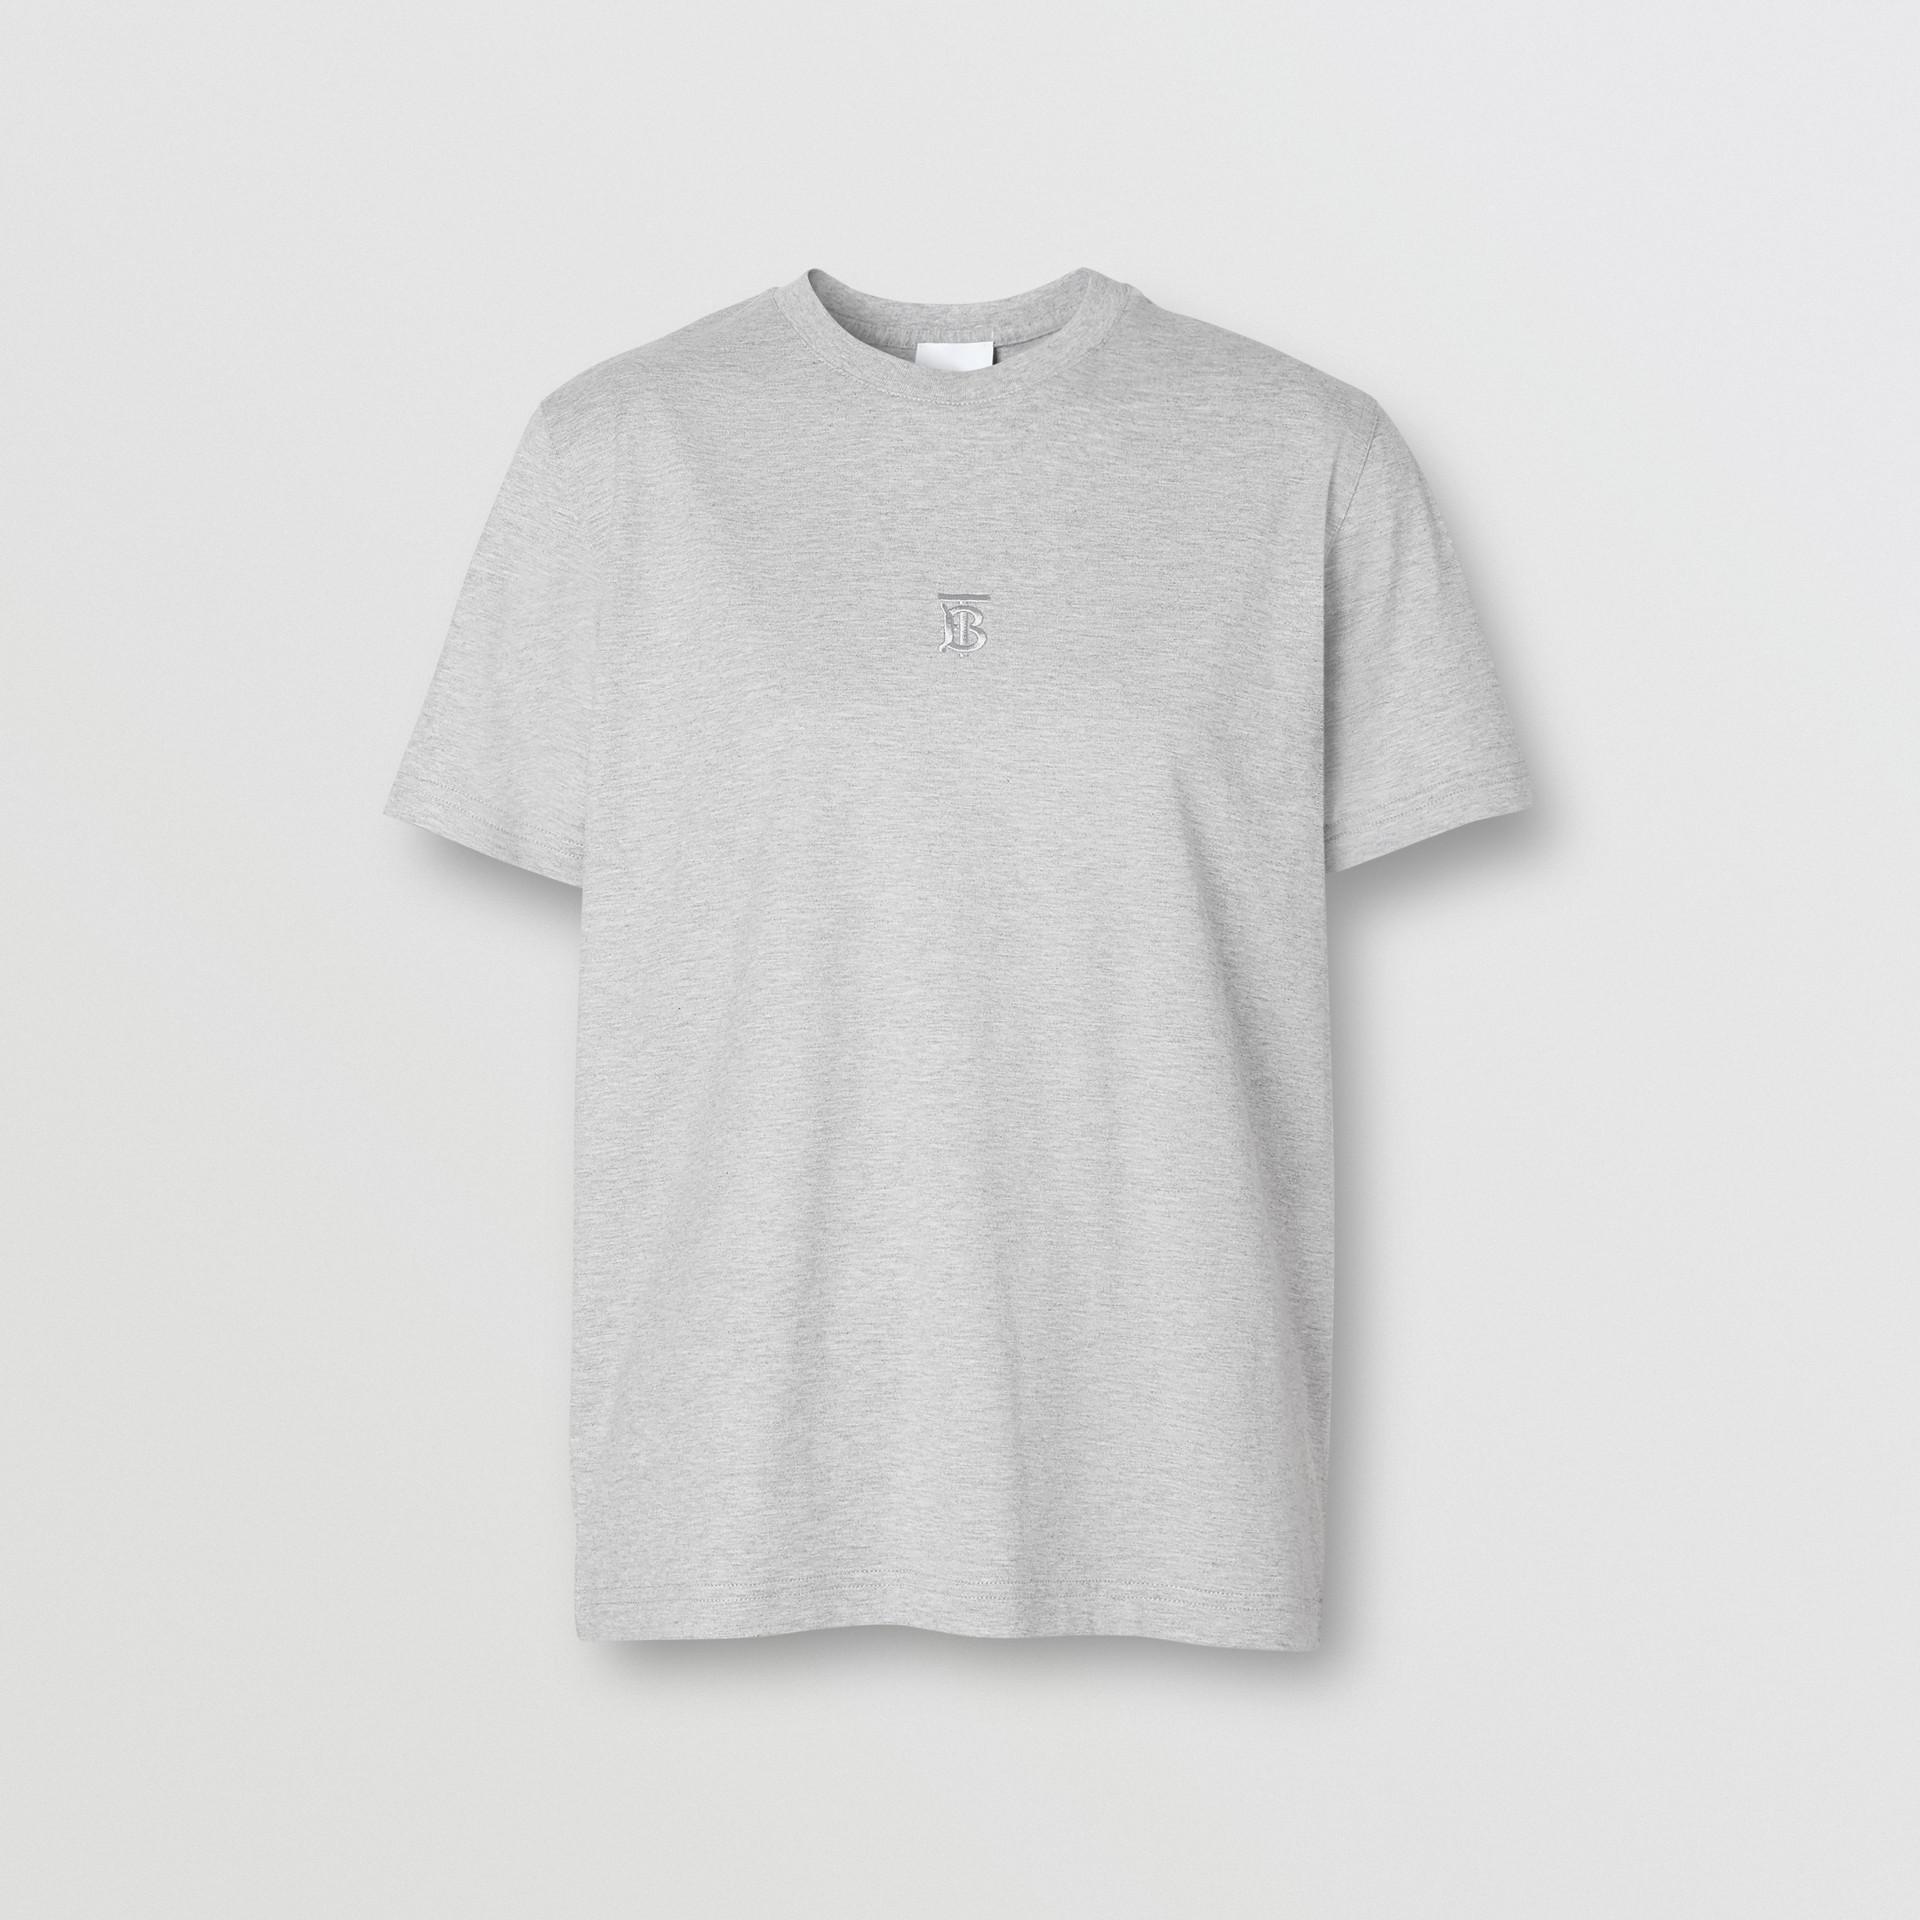 花押字圖案棉質 T 恤 (淡混合灰) - 女款 | Burberry - 圖庫照片 3